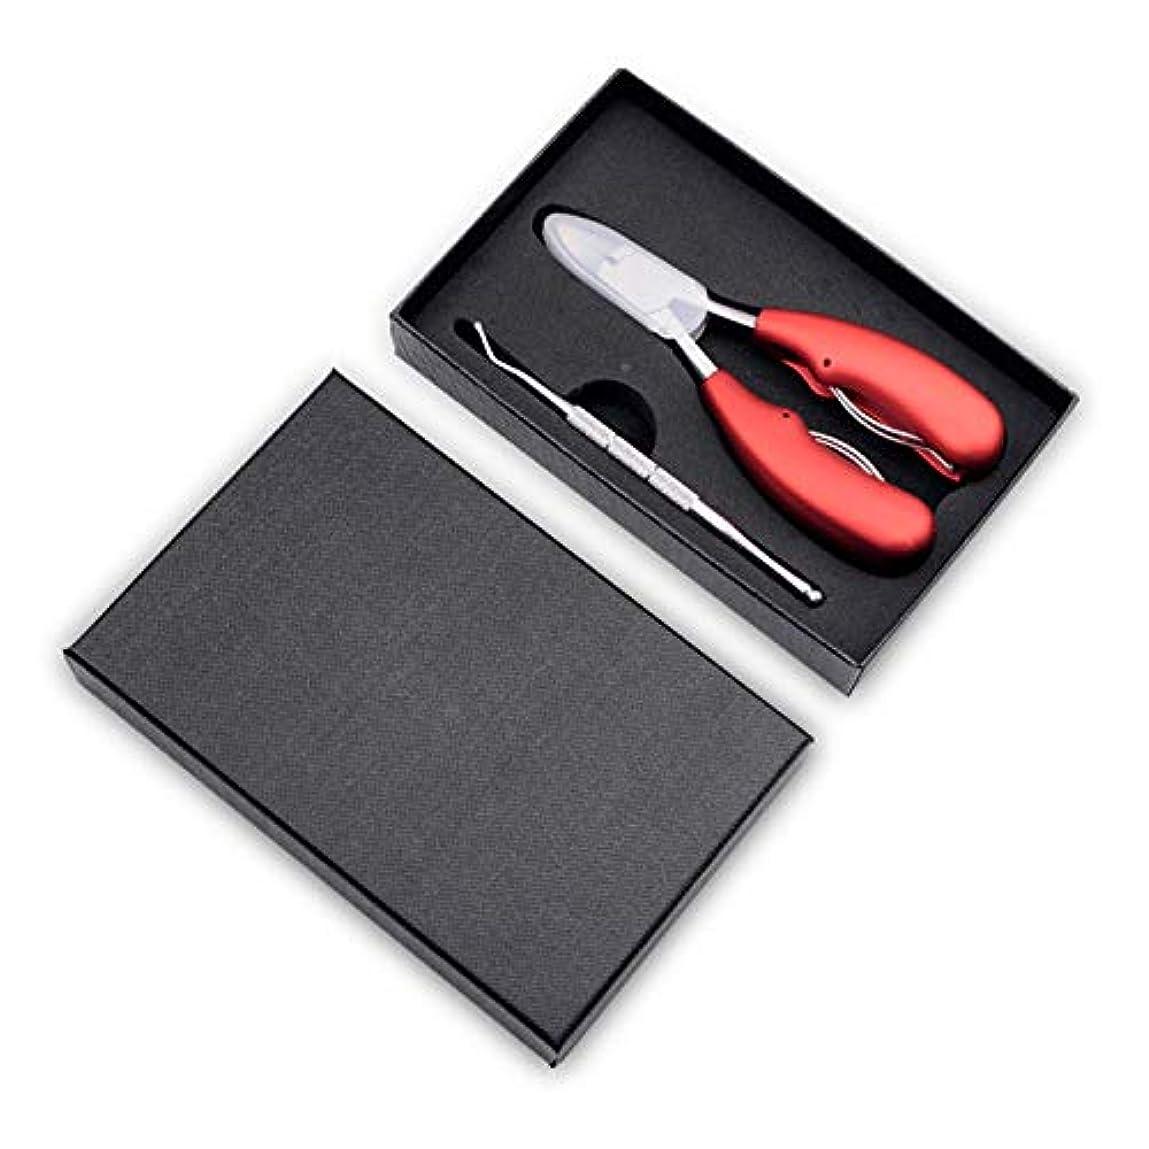 モード秘書調整Majoreal 爪切り 専門の頑丈な厚いつま先の爪切りの足病学のステンレス鋼